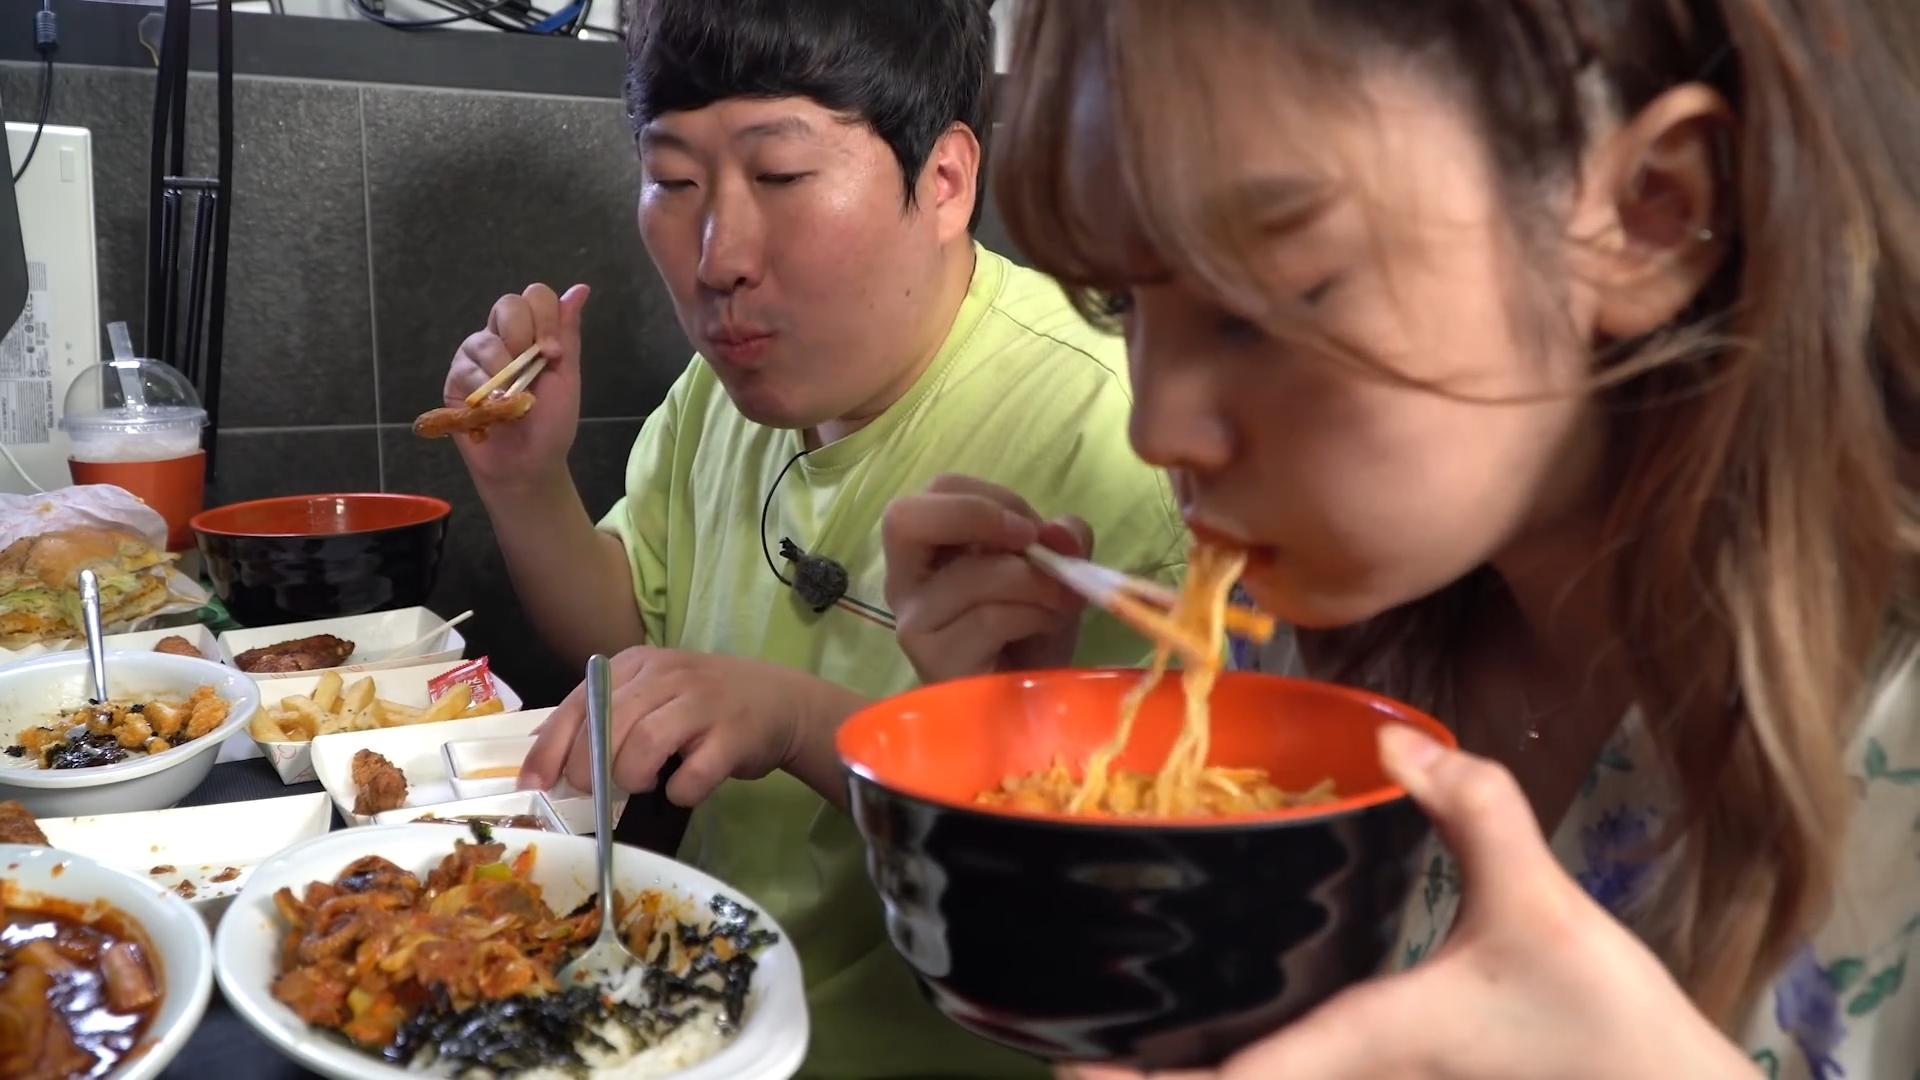 和美女一起吃网吧的各种美食!美女朋友亲自下厨做的炸鸡超好吃~